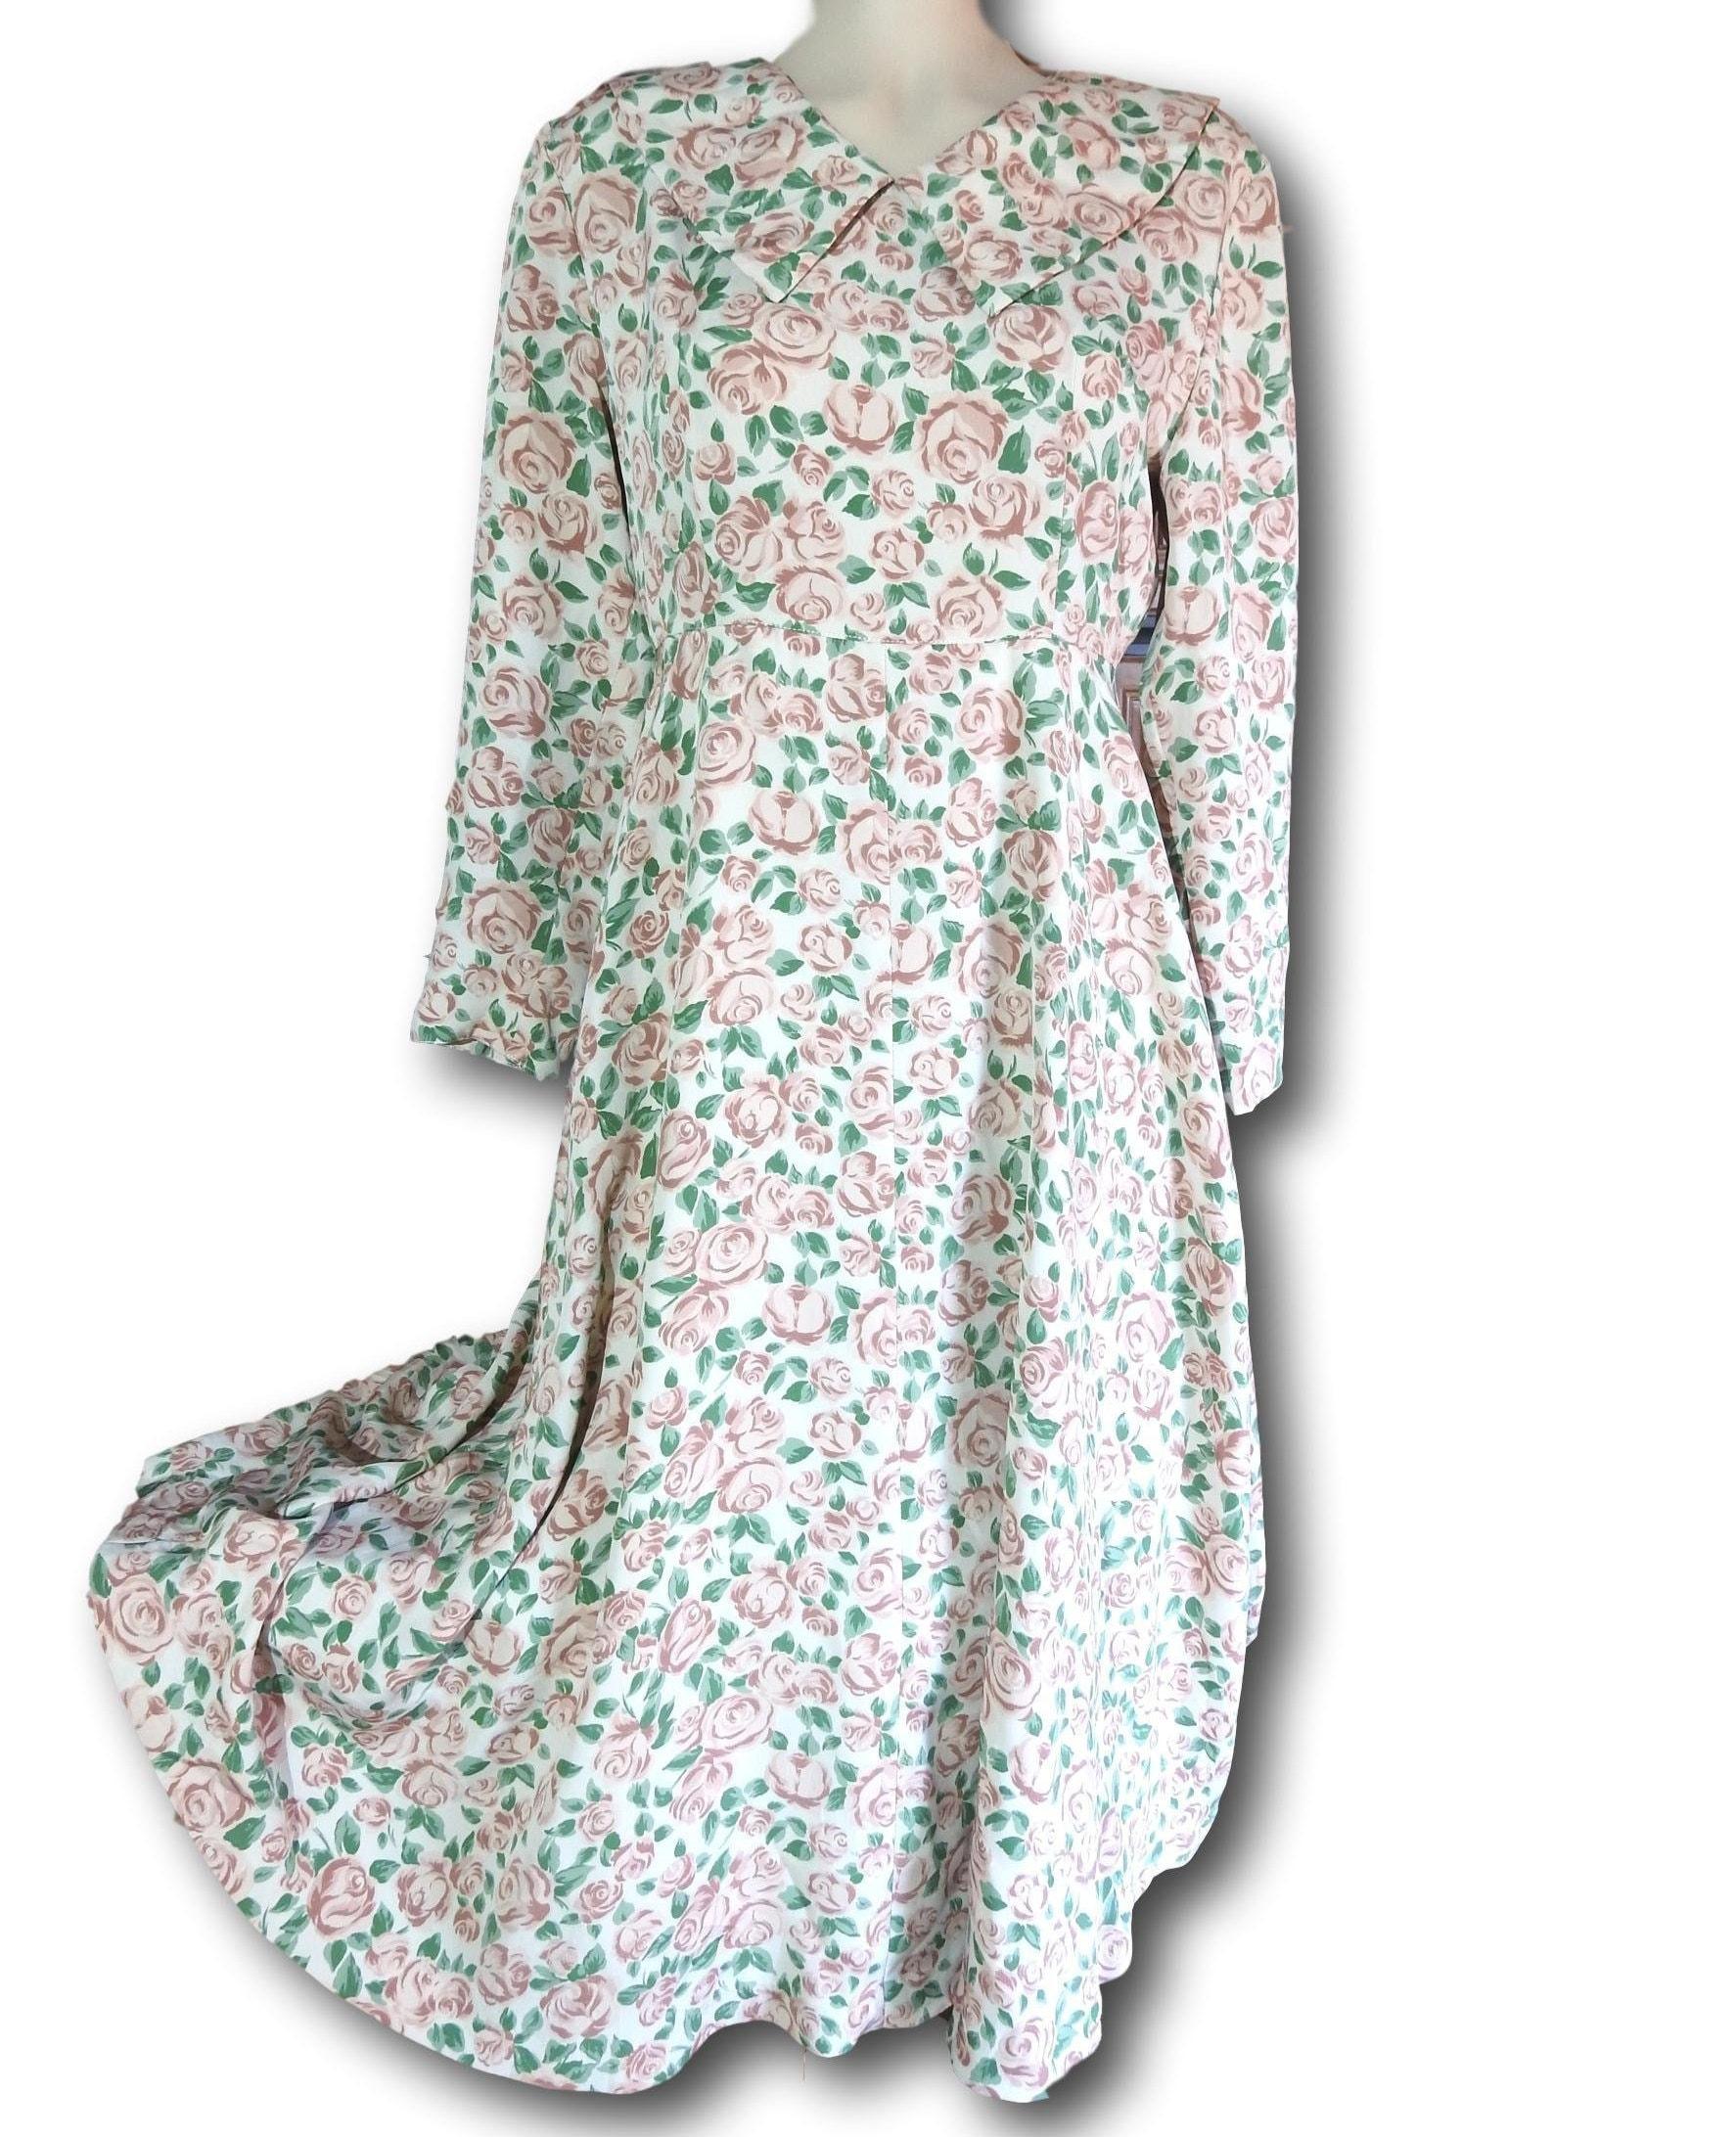 79dcf67e21d2 Rustic floral dress Vintage 50s women s below the knee